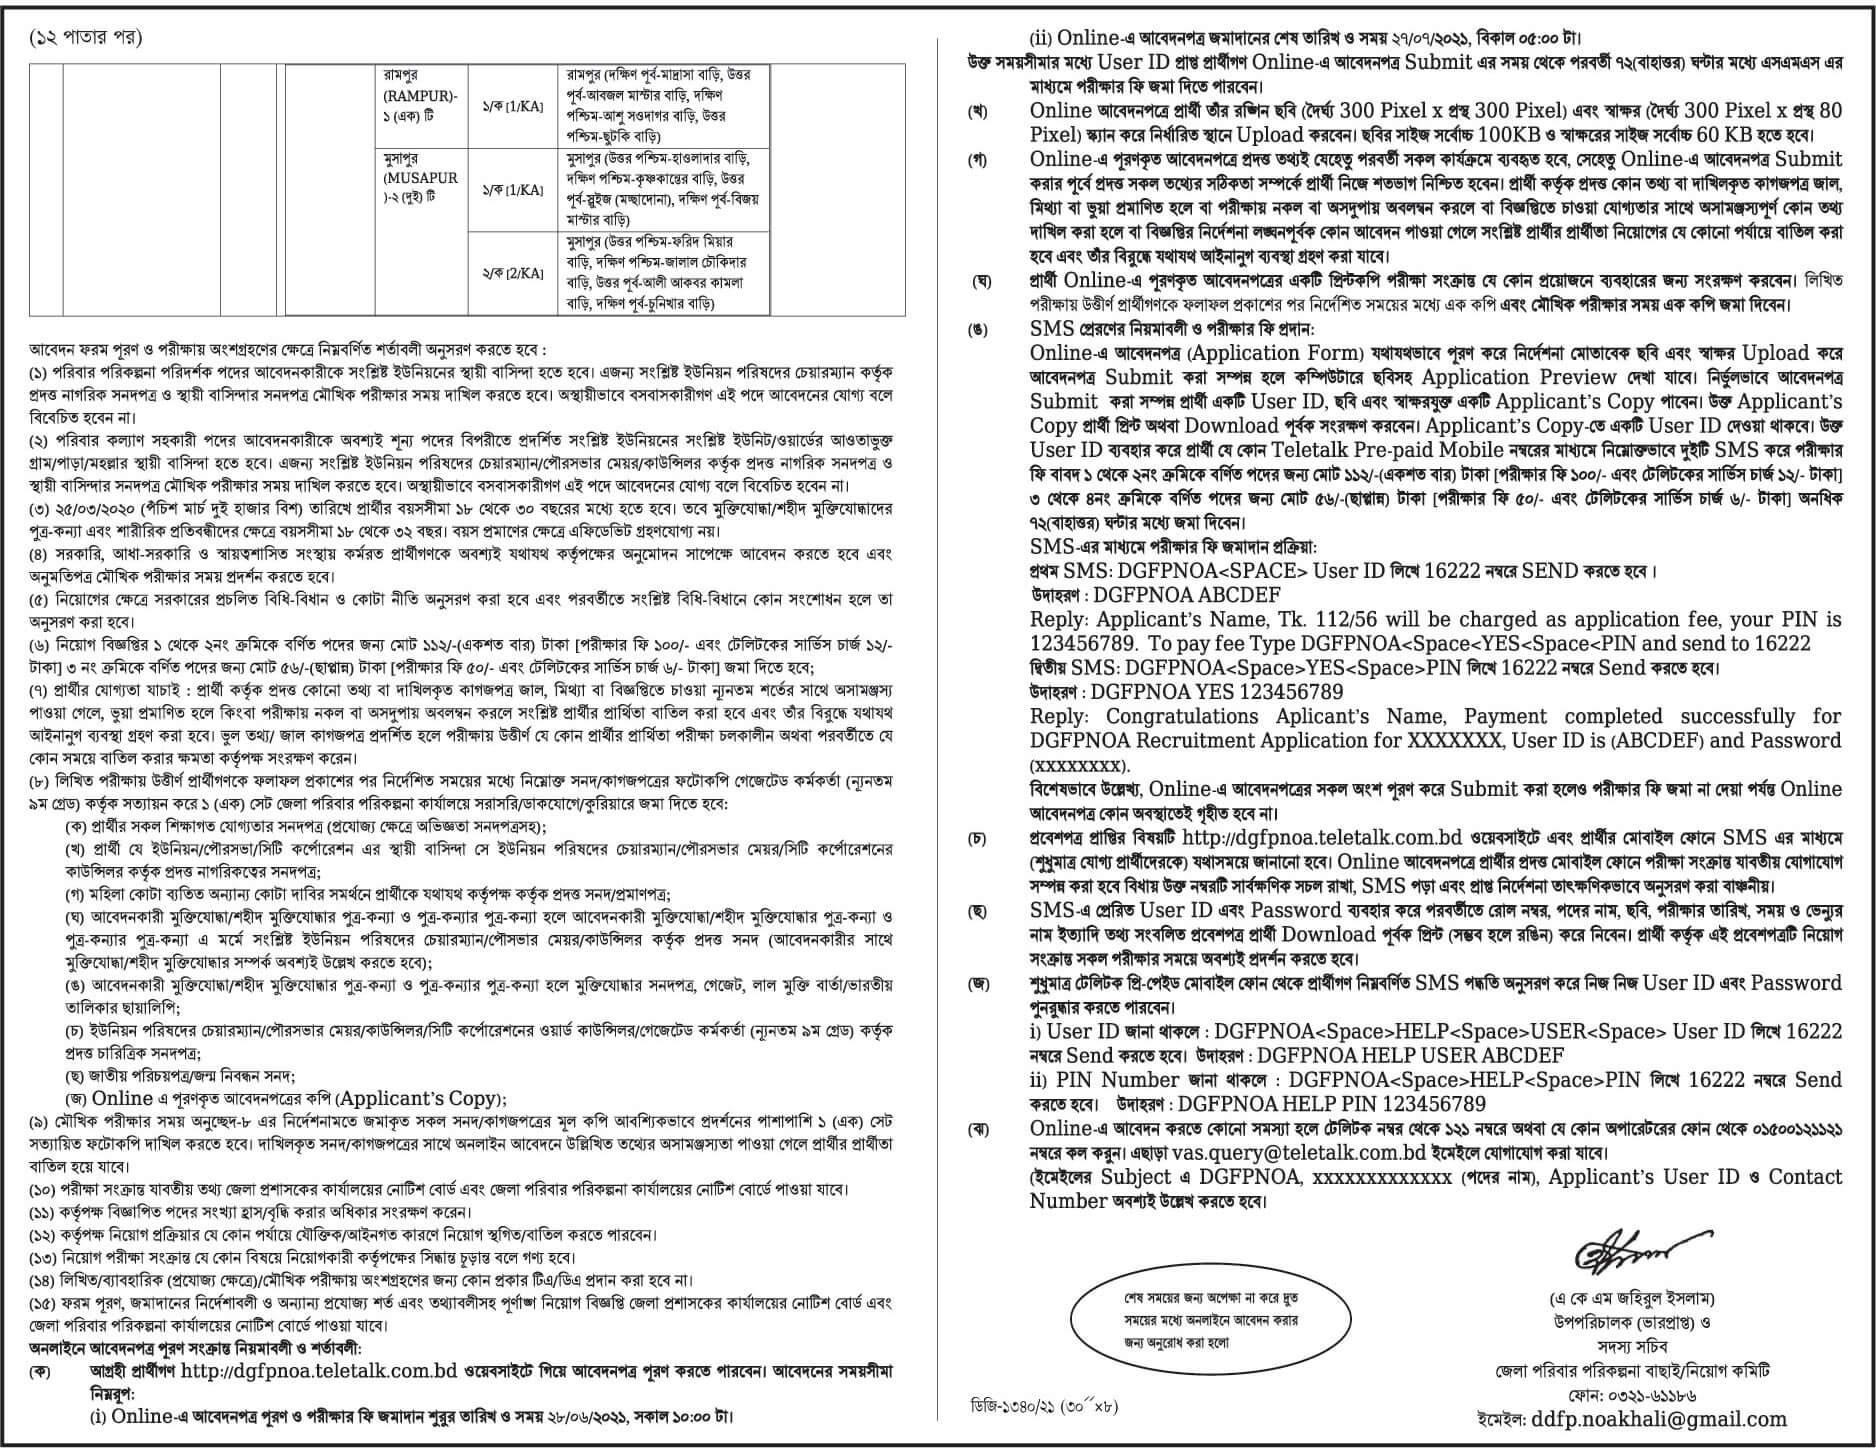 dgfpnoa.teletalk.com.bd job circular 2021